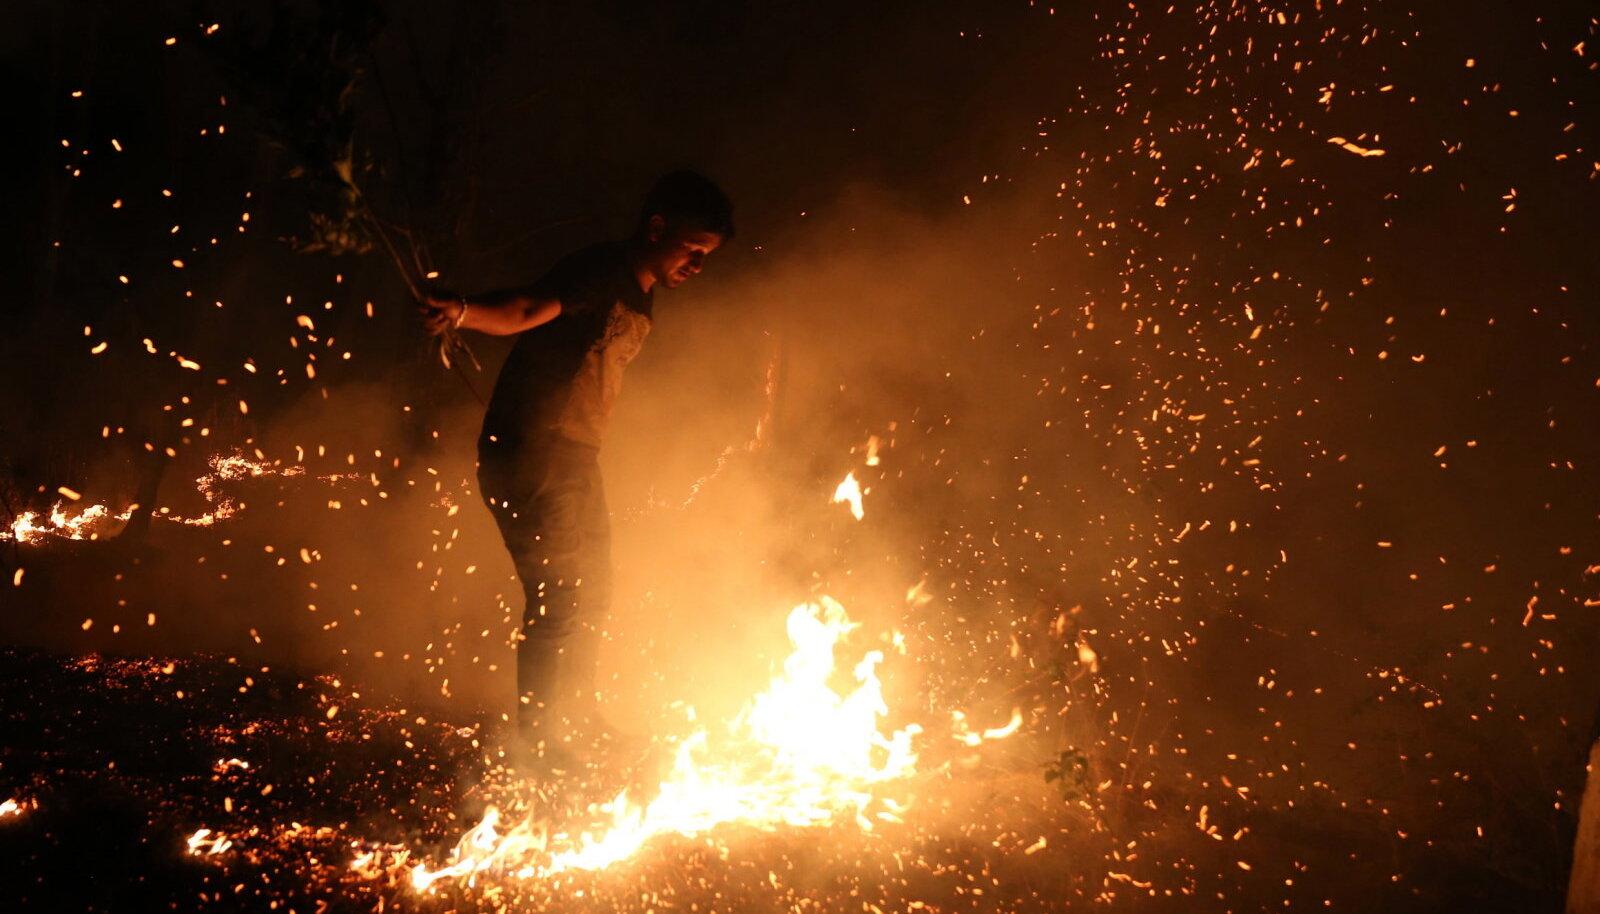 Maastikutulekahju Indias. Spetsialistide sõnul on sealsete tulekahjude sagenemise taga kliimamuutused